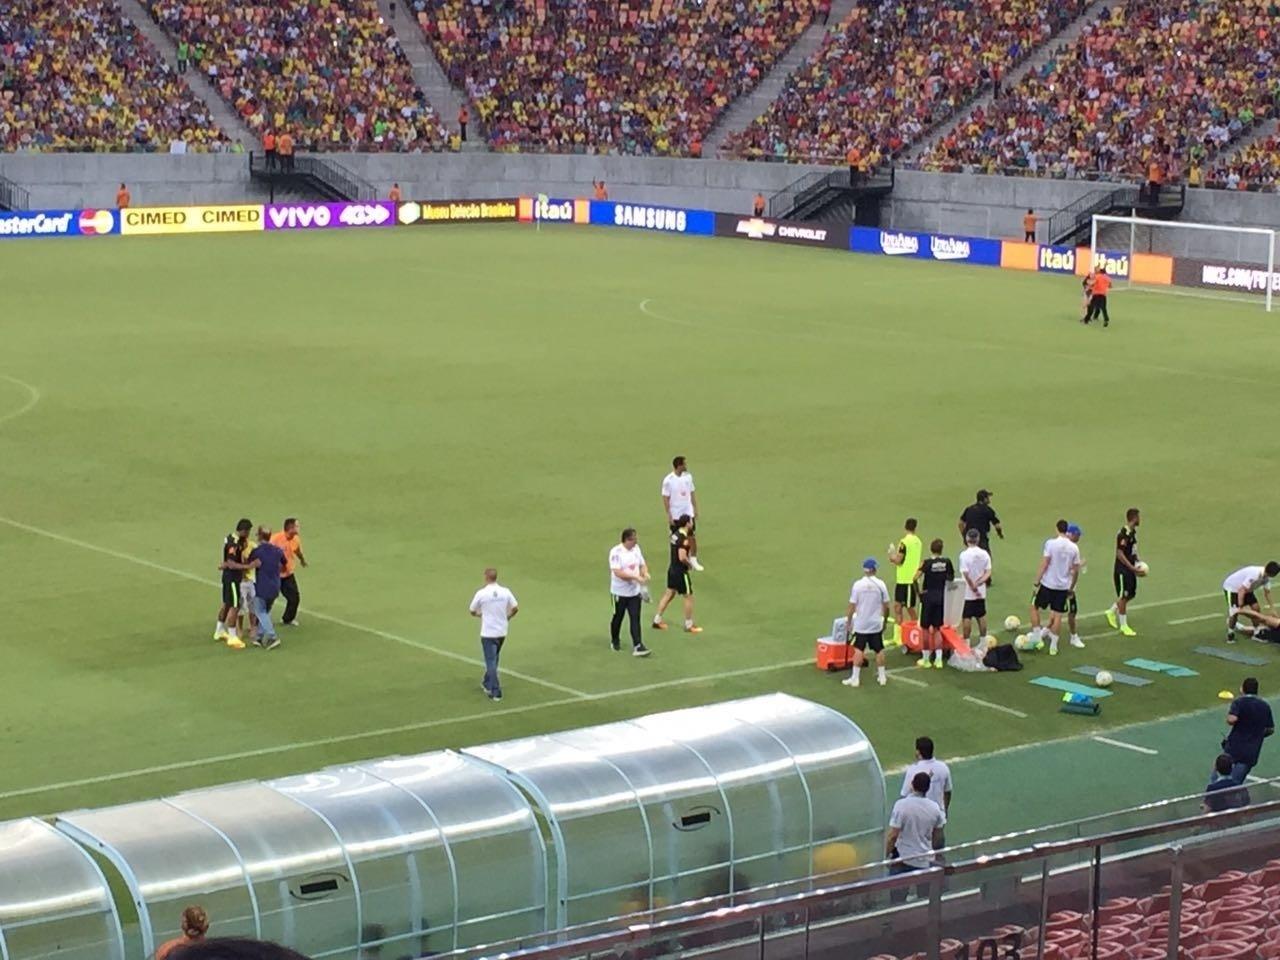 Torcedores invadem o gramado após treino da seleção brasileira em Manaus